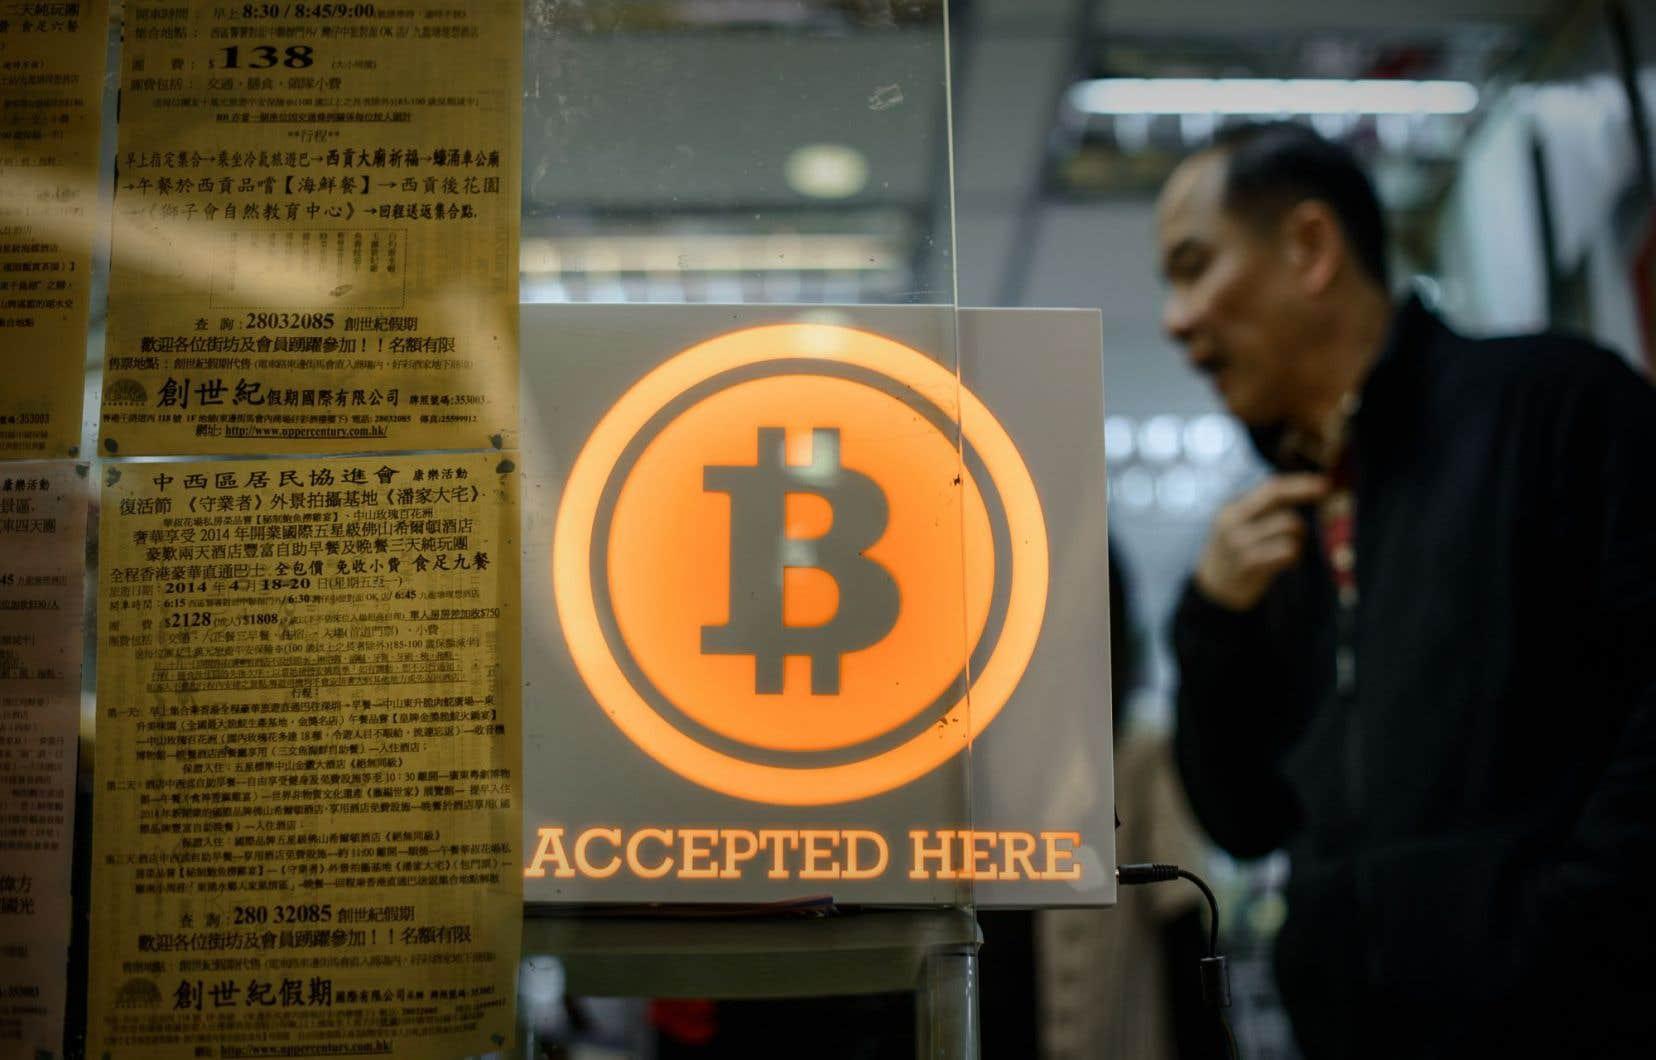 Mercredi, la valeur de la monnaie numérique a dégringolé jusqu'à 482,82 $, contre 603,06$ mardi, selon Bloomberg News, avant de remonter mercredi après-midi à 539,53$.